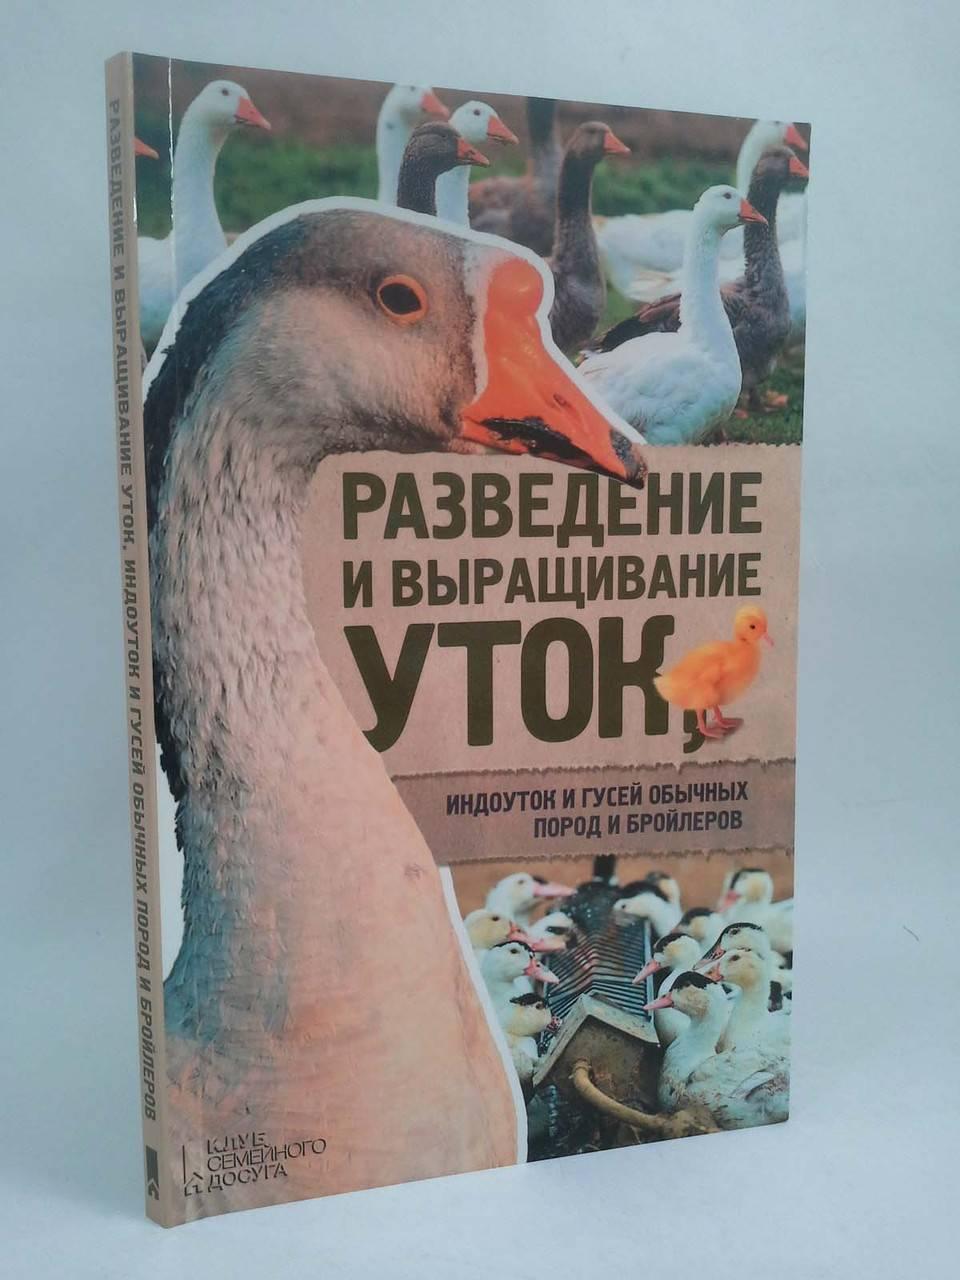 Утка кросса темп: белорусская бройлерная — описание породы, выращивание, питание и содержание птицы